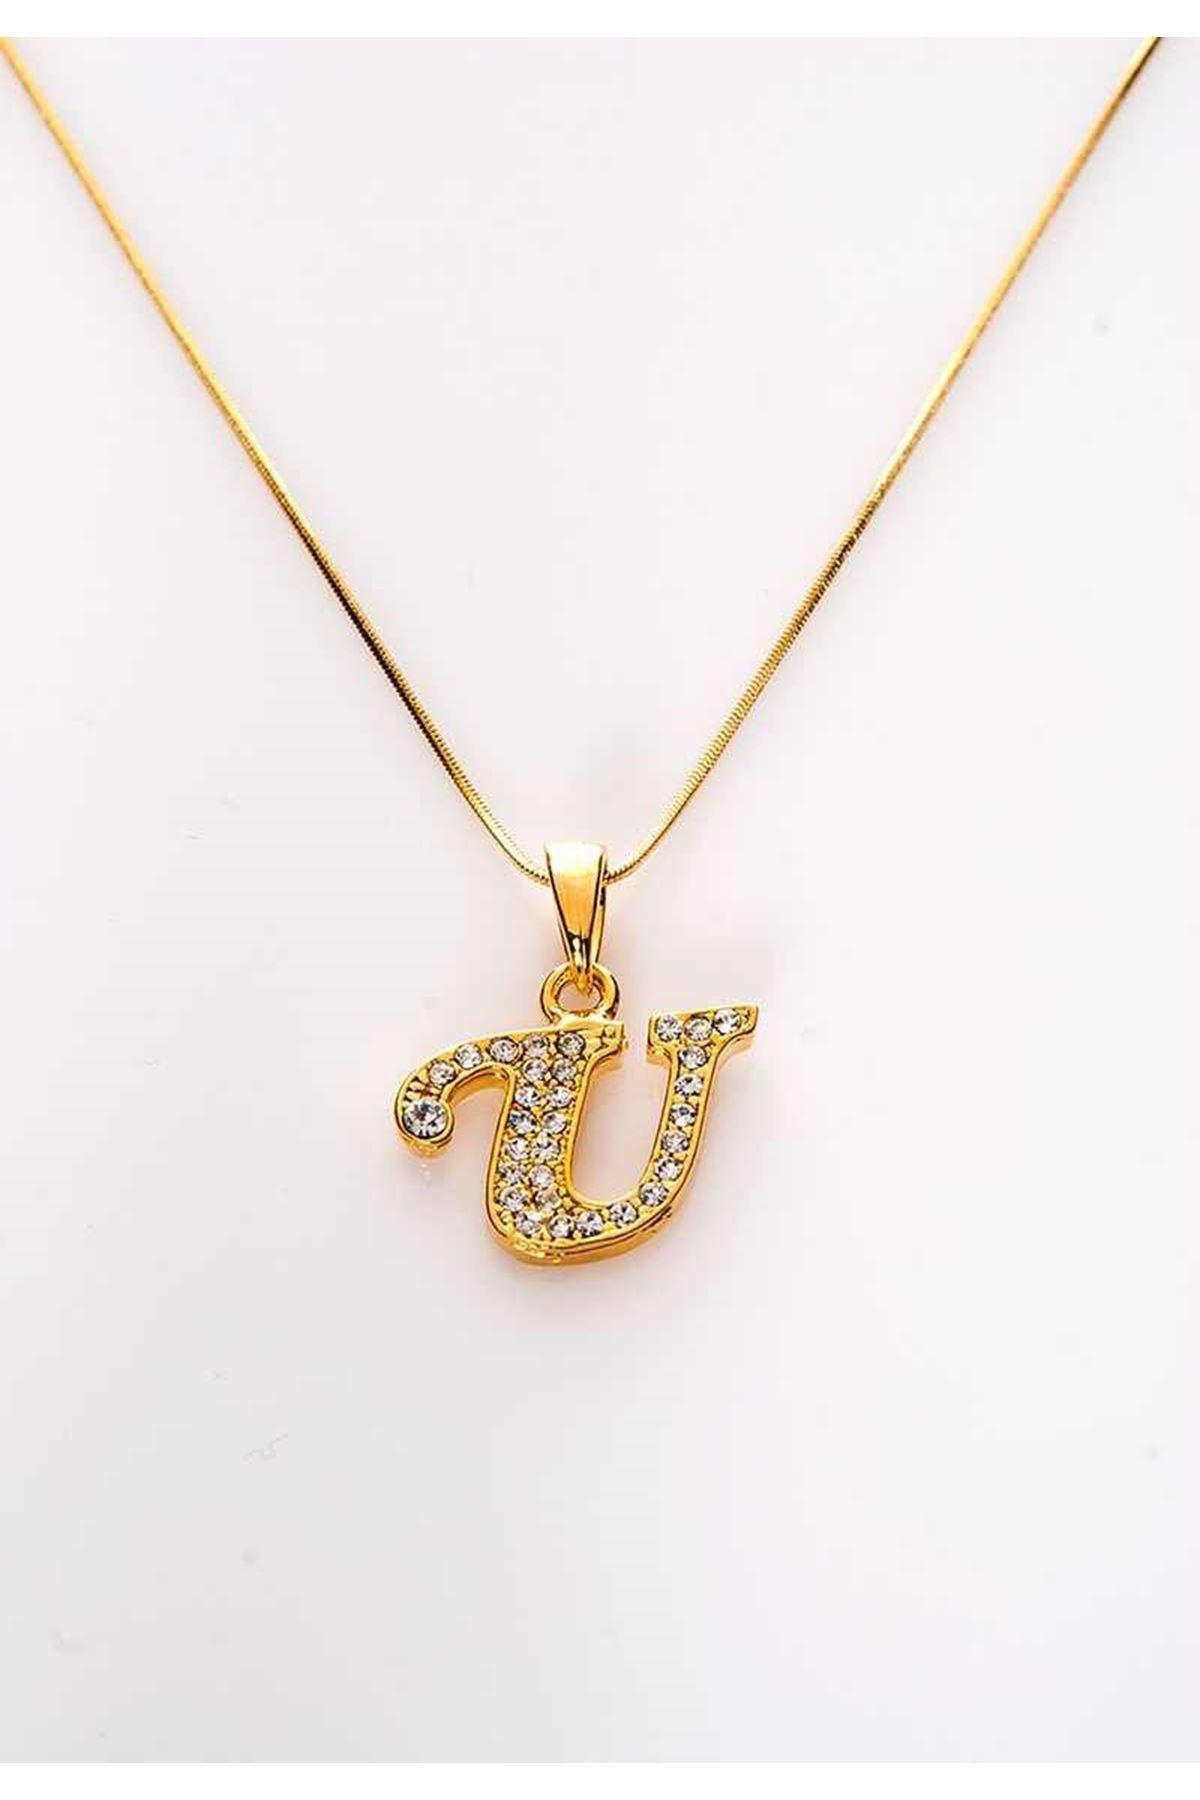 Gold Taşlı U Harf Kolye 11Ç-107857